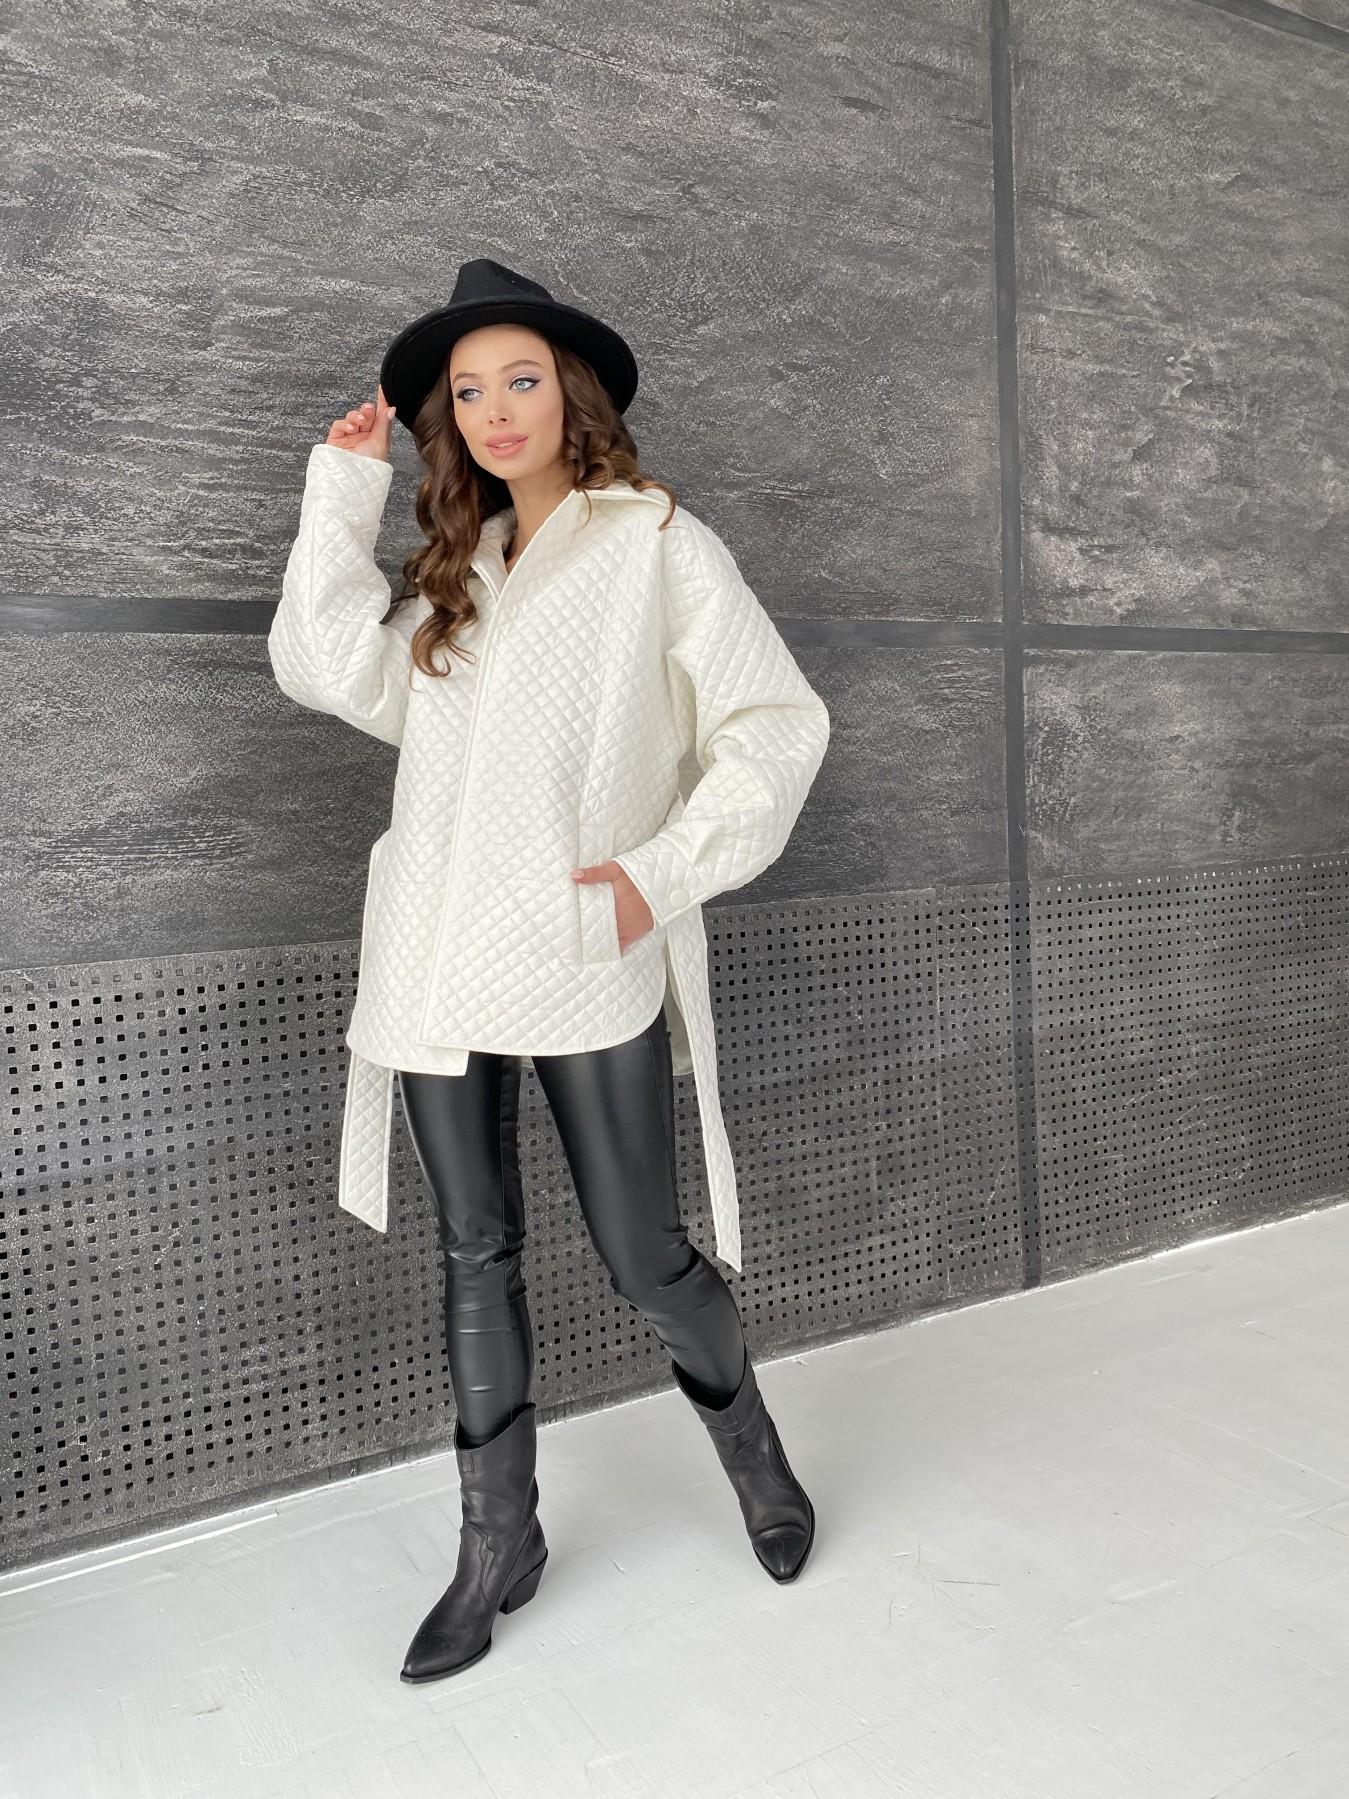 Моно куртка стеганая из  плащевой ткани 11045 АРТ. 47530 Цвет: Молоко - фото 2, интернет магазин tm-modus.ru